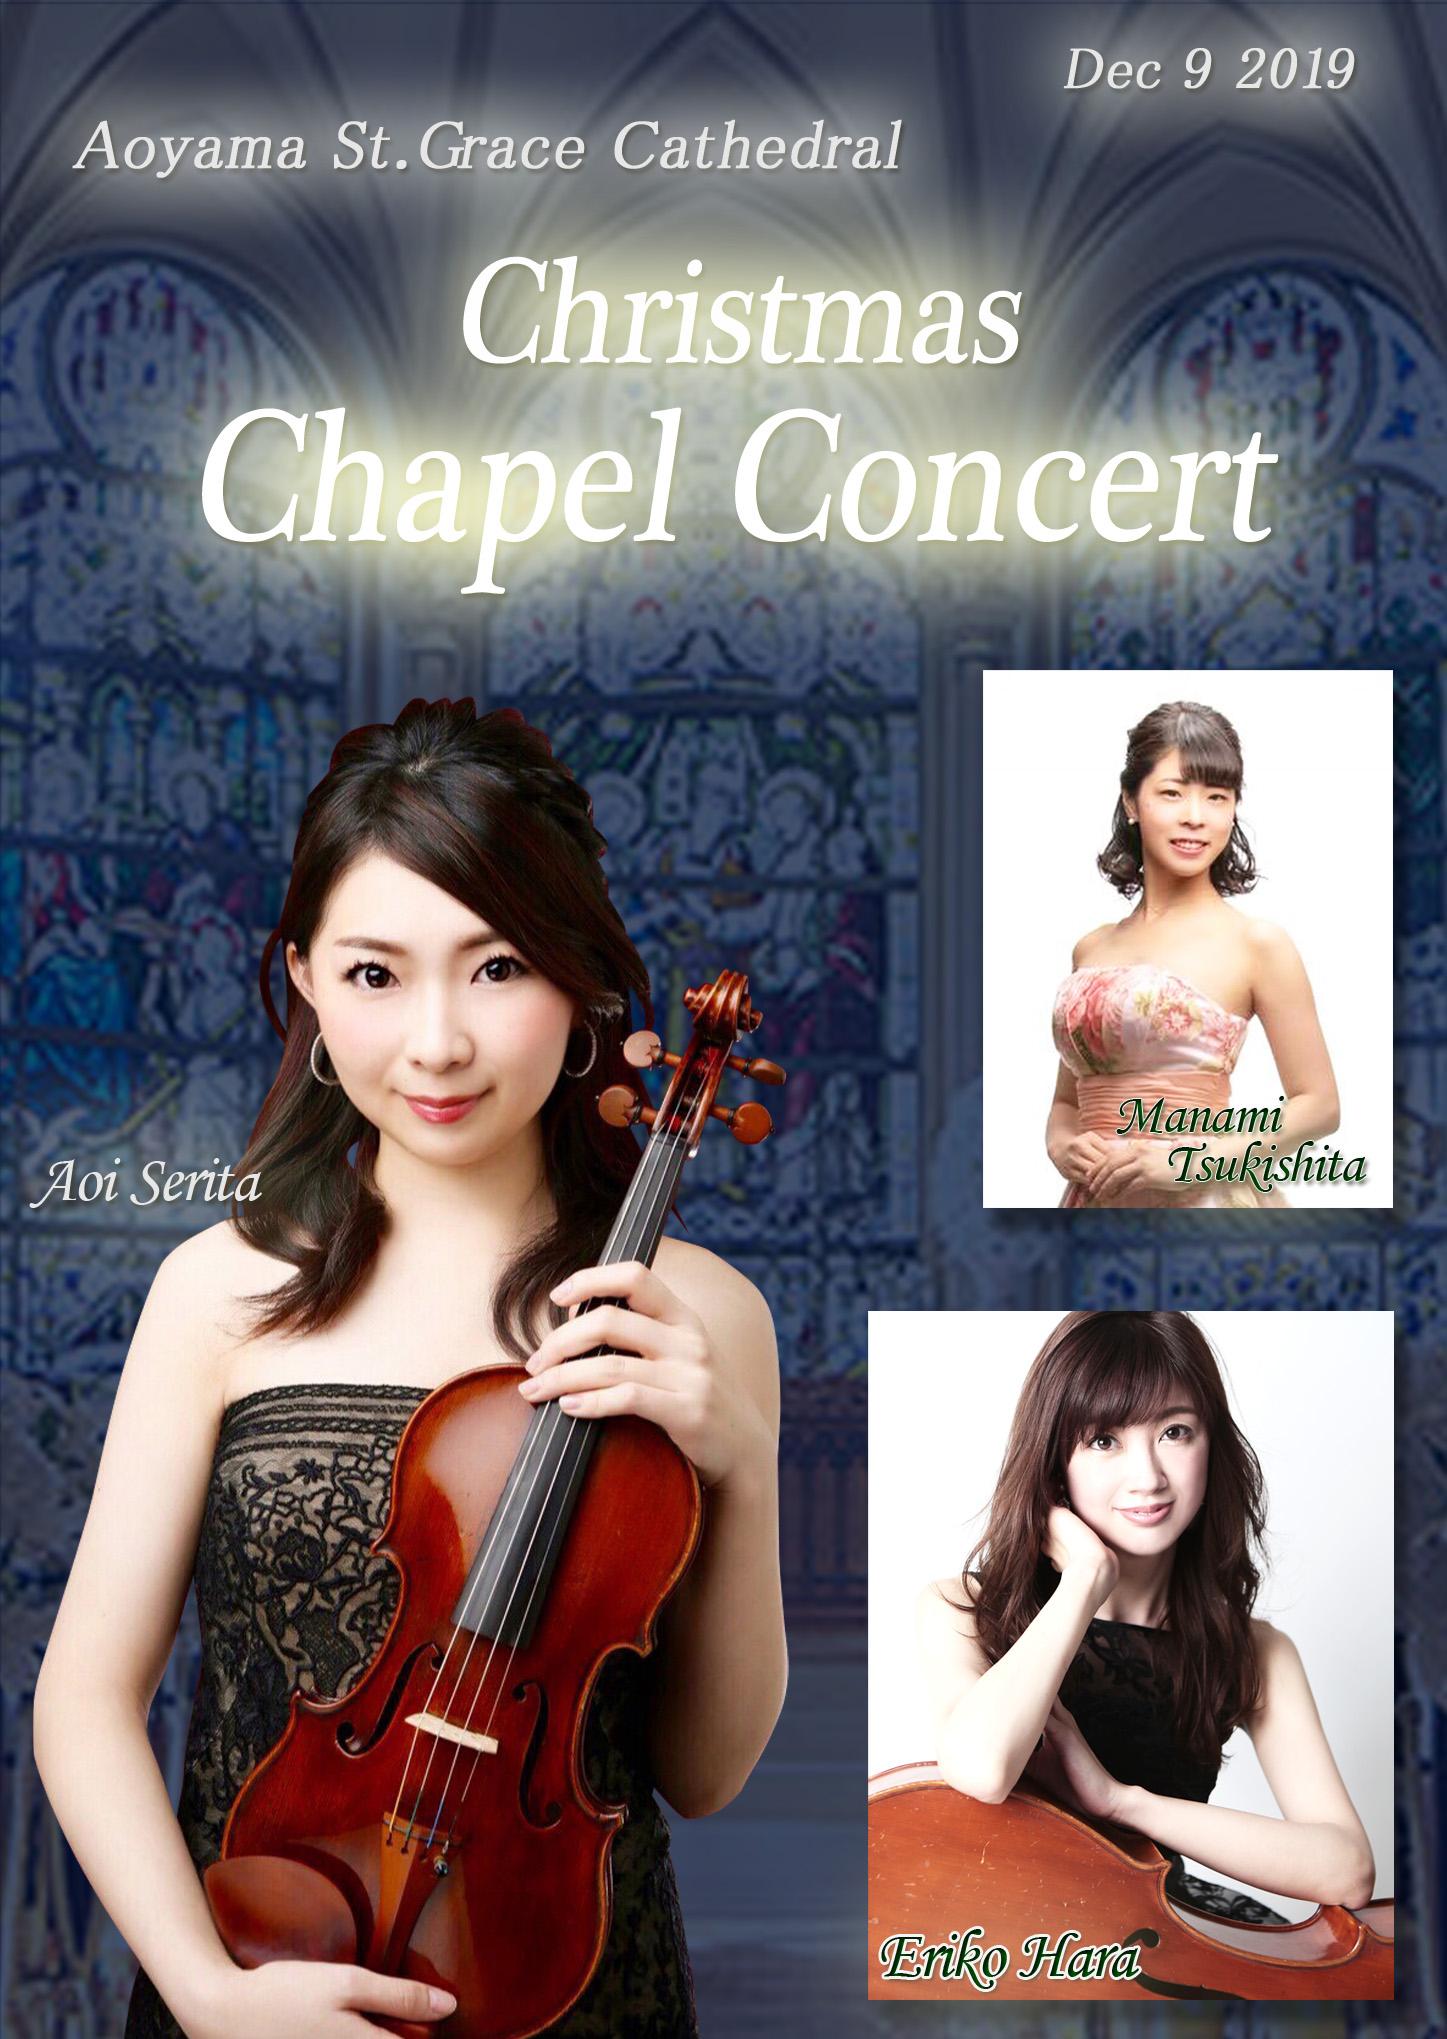 「青山セントグレース大聖堂」クリスマス チャペルコンサート│リビングレジャー倶楽部